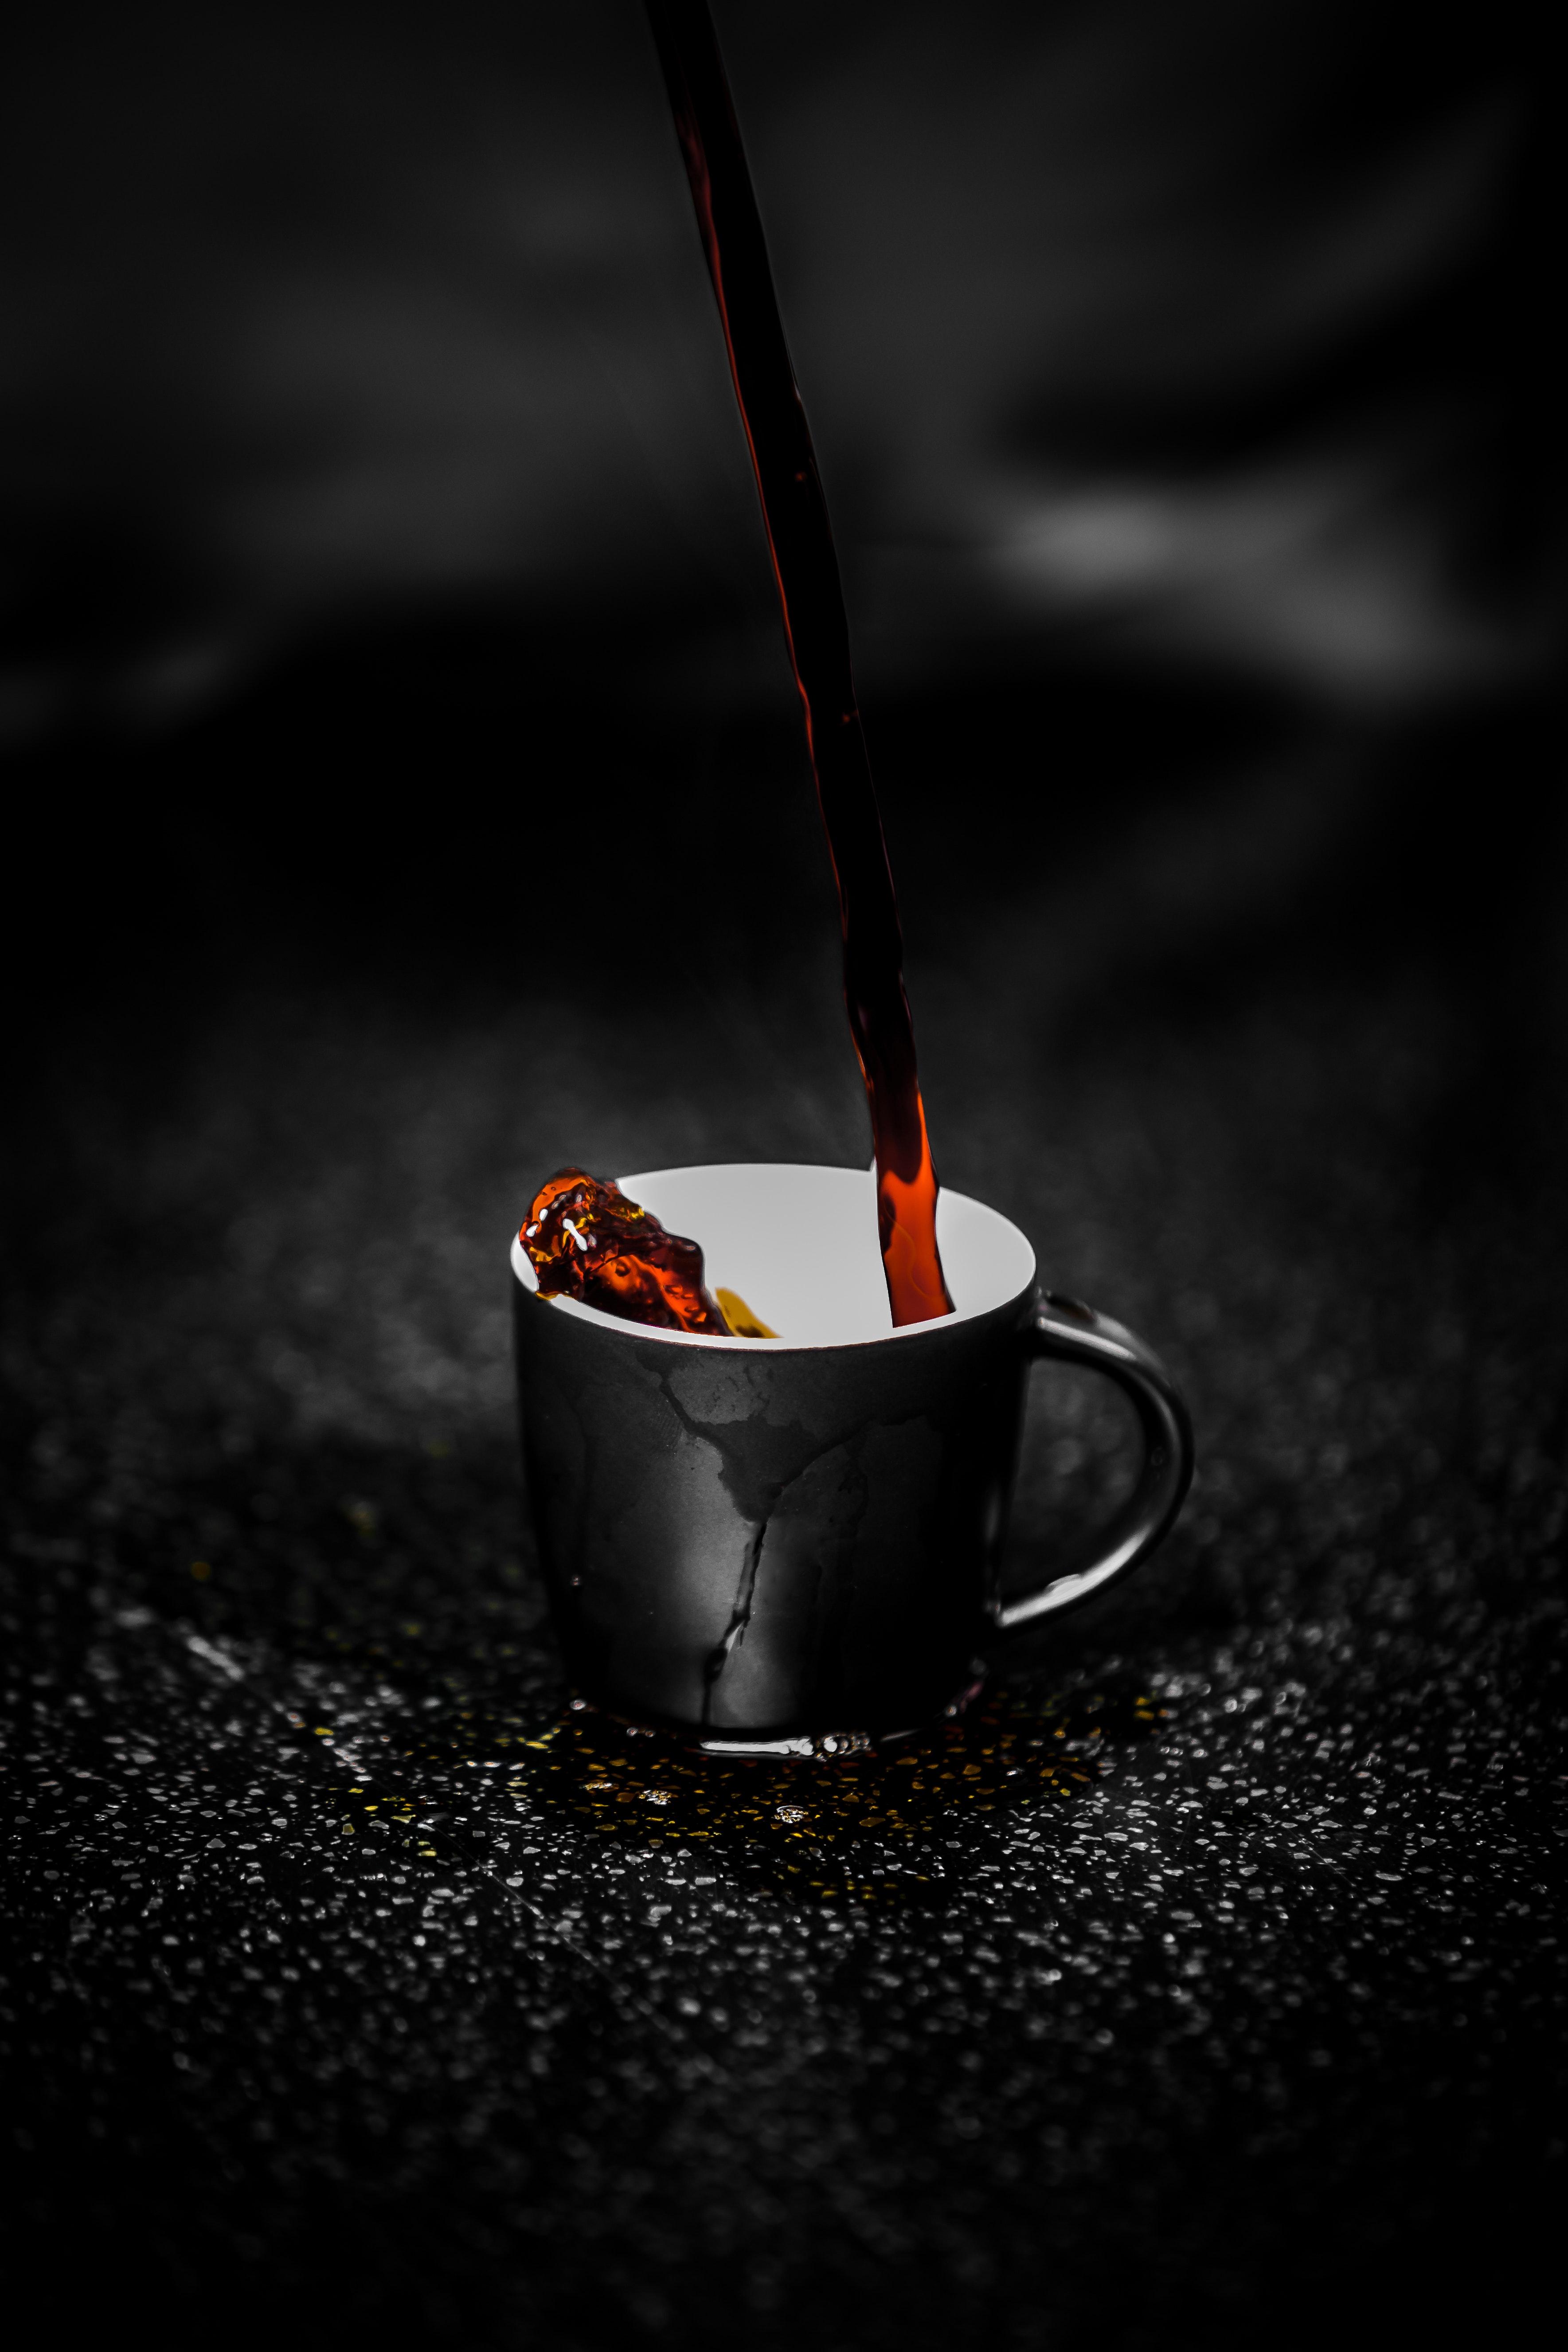 77636 Hintergrundbild herunterladen Drops, Dunkel, Eine Tasse, Tasse, Tee, Jet - Bildschirmschoner und Bilder kostenlos